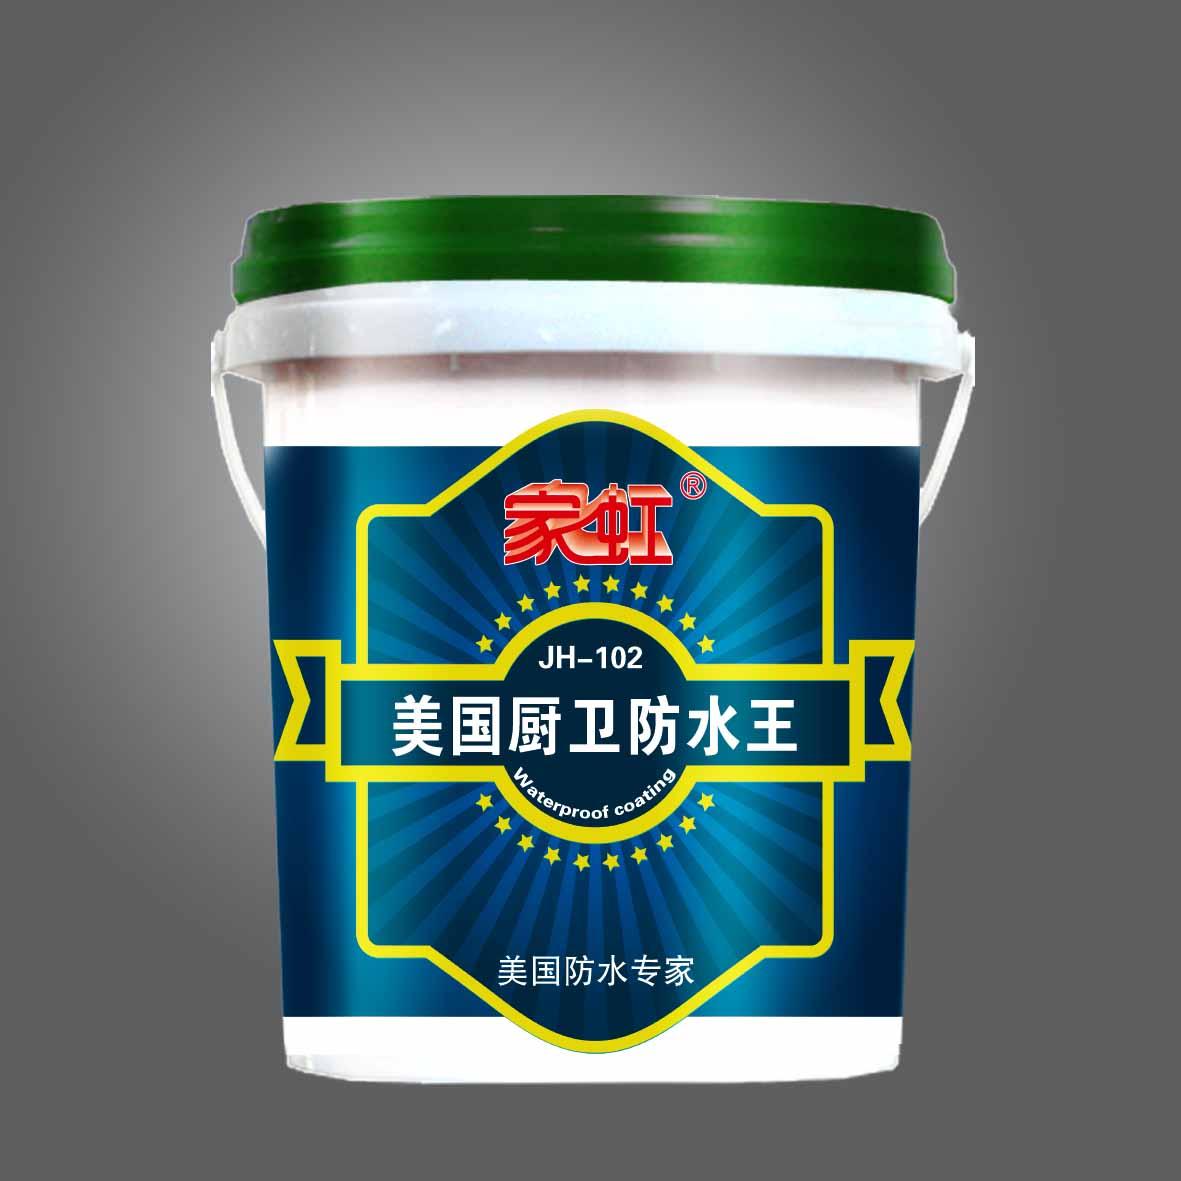 防水涂料 广州家虹建材品牌 产品图片